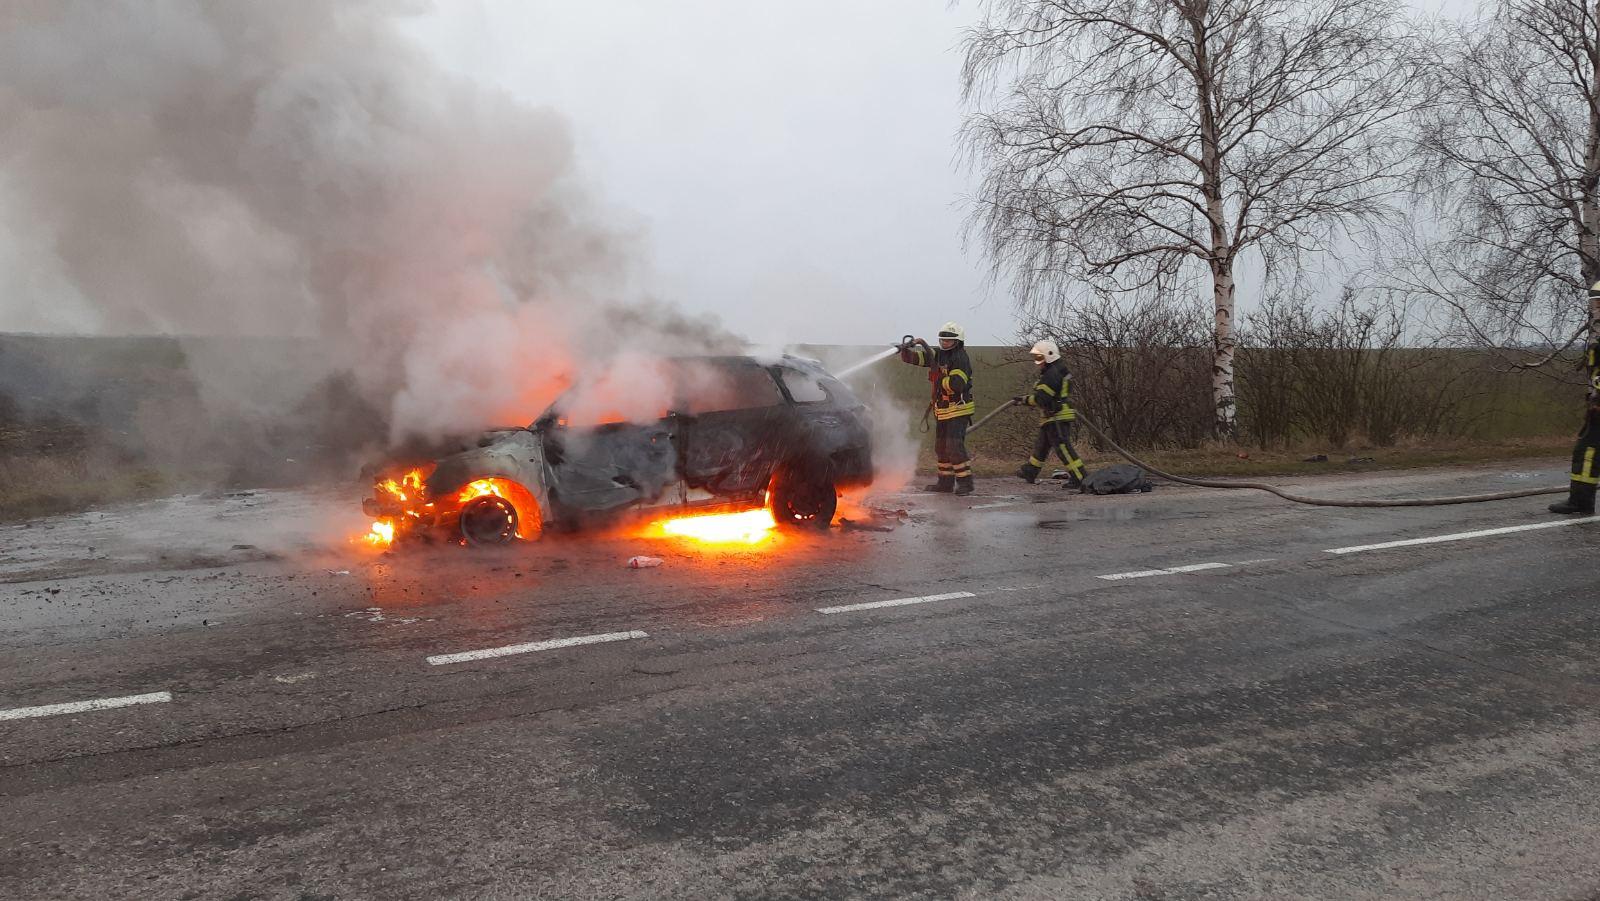 Обухівщина: на дорозі спалахнув легковик - вогонь, вогнеборці, автомобіль - IMG 938445bece84b74b9daaeb9c00d7c57c V